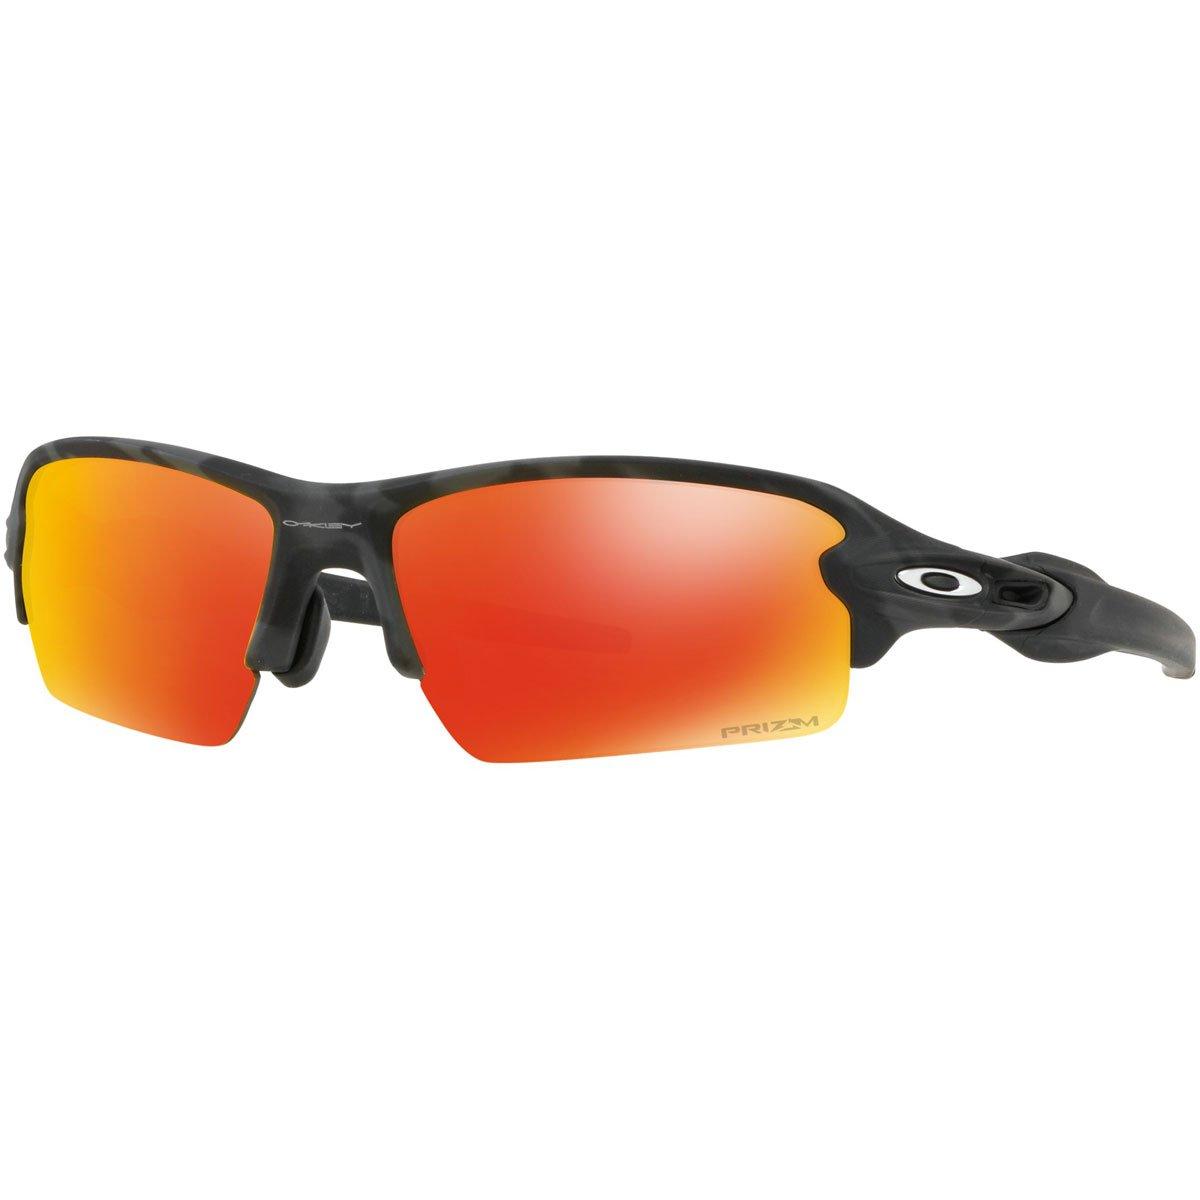 Oakley Men's Flak 2.0 (A) Sunglasses,Black Camo